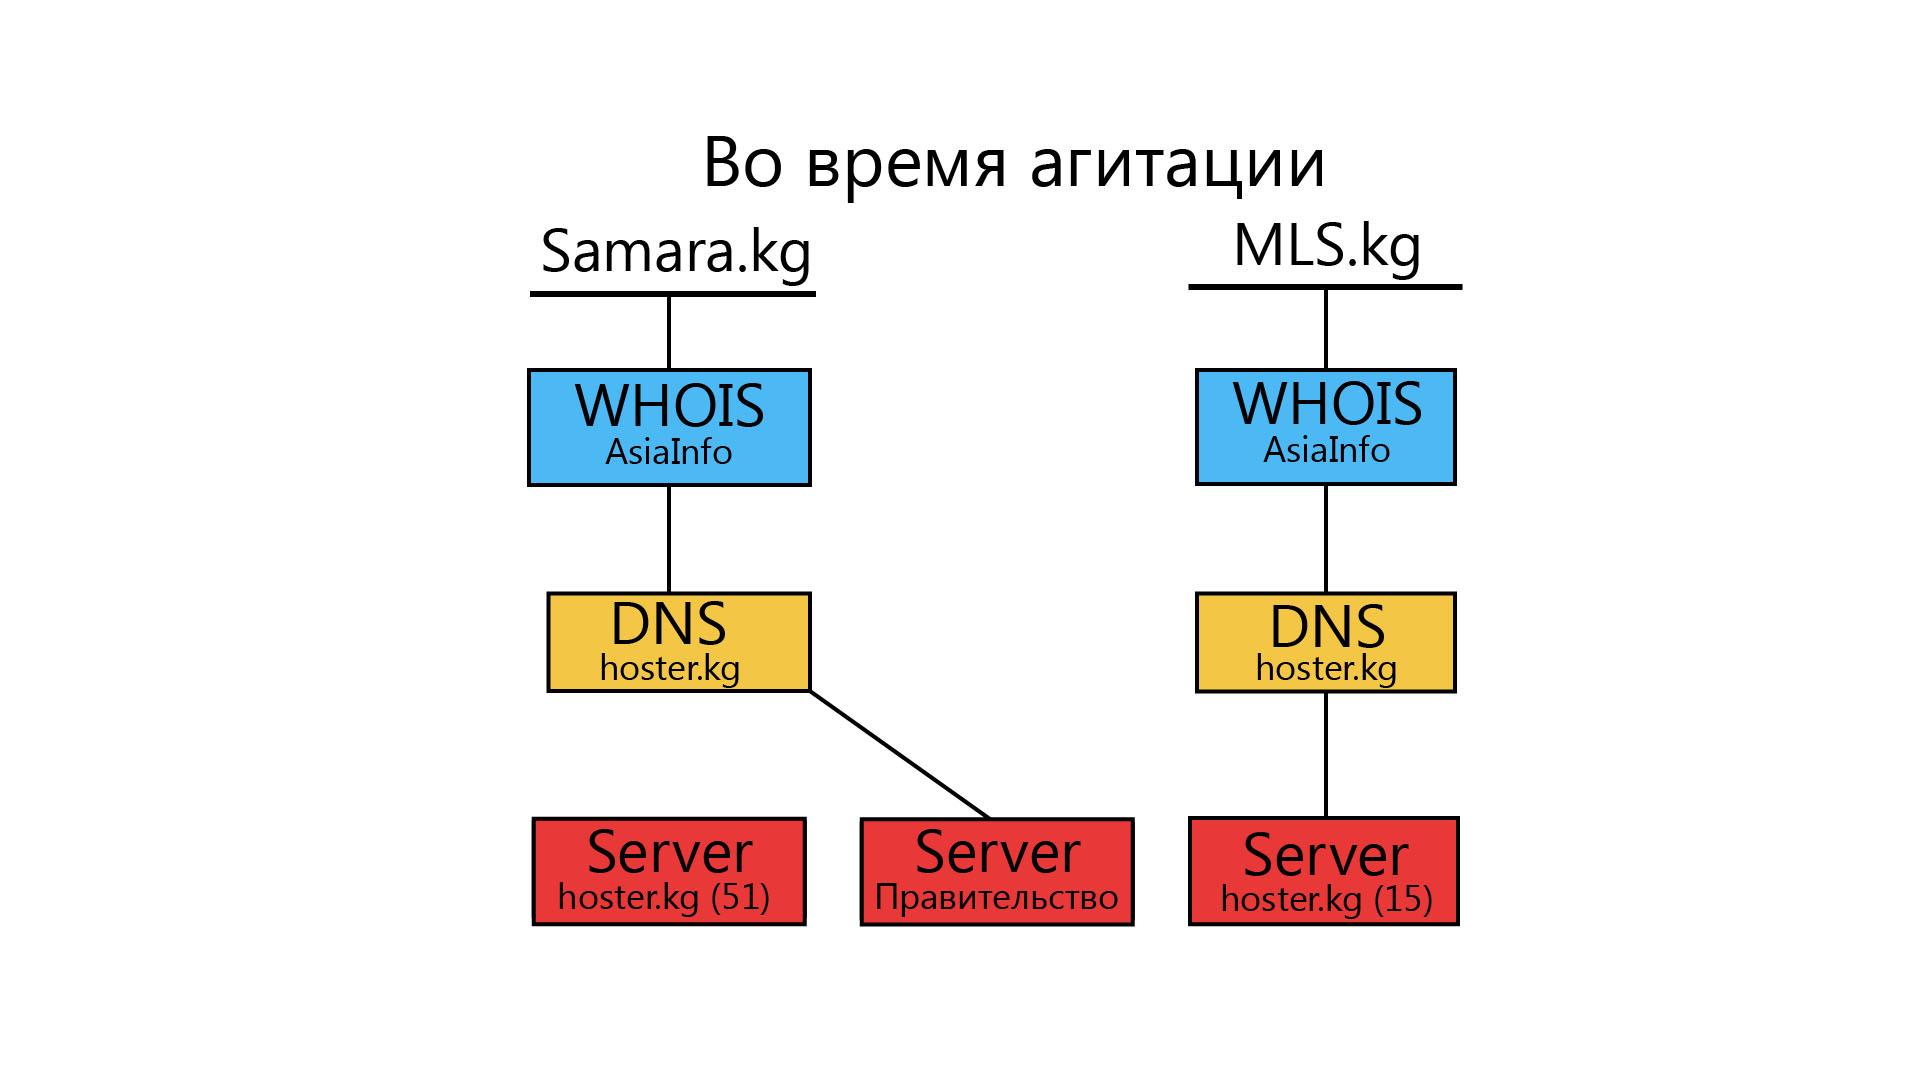 База данных жителей самары